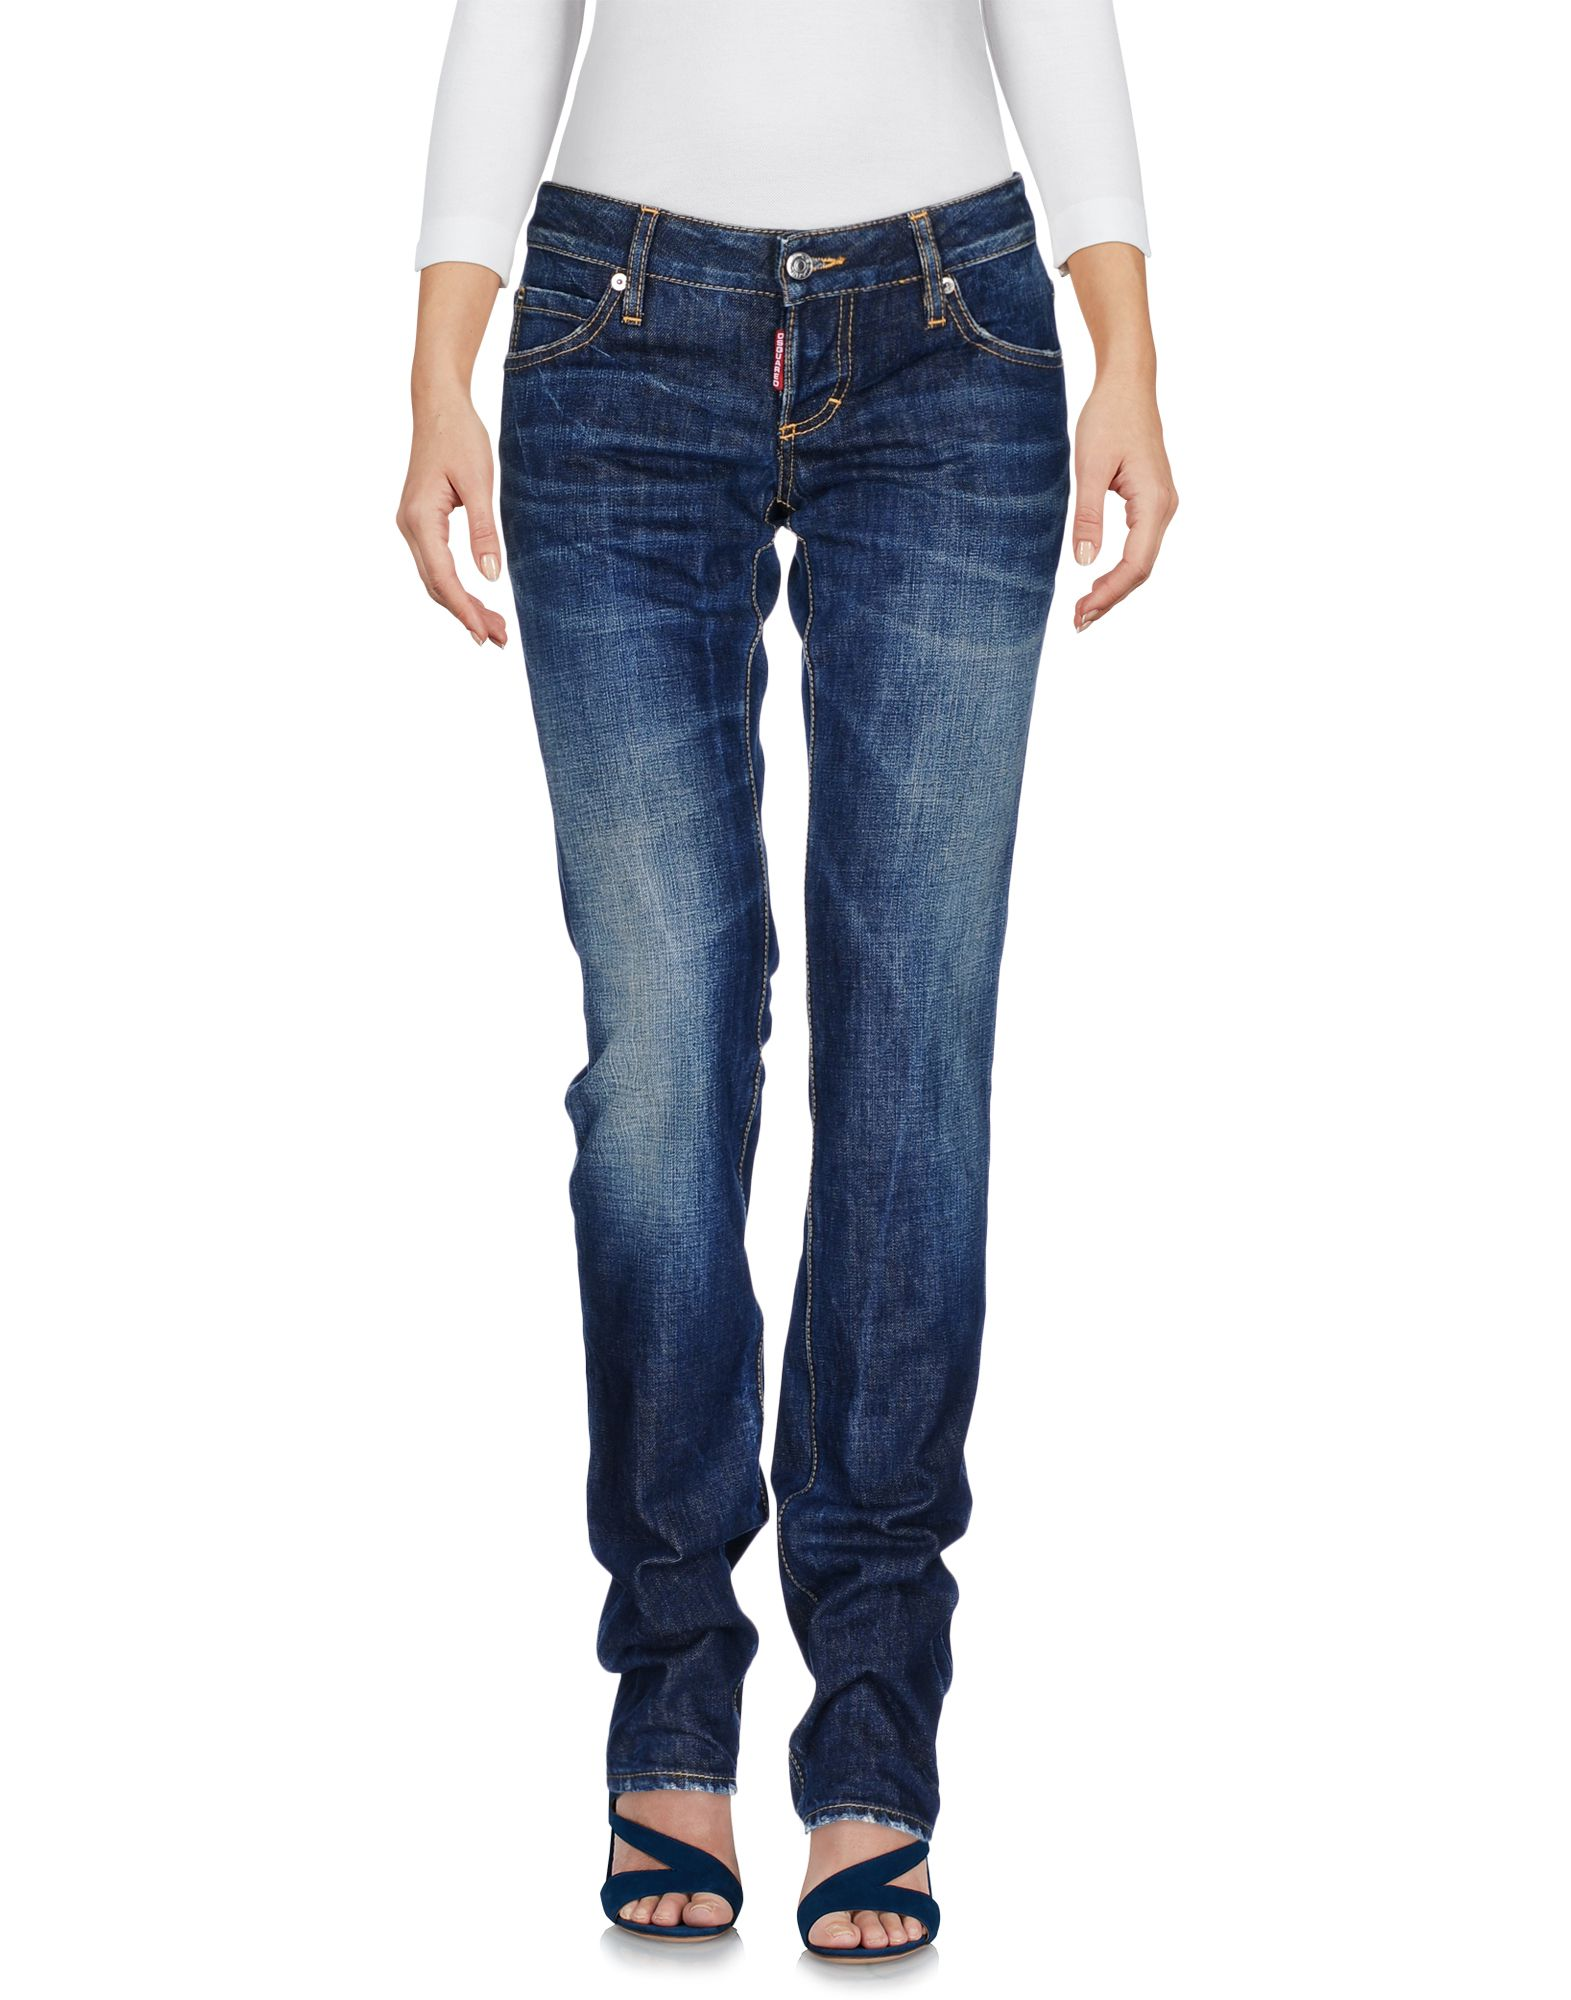 Pantaloni Jeans Dsquared2 Donna - Acquista online su 9r2xXu